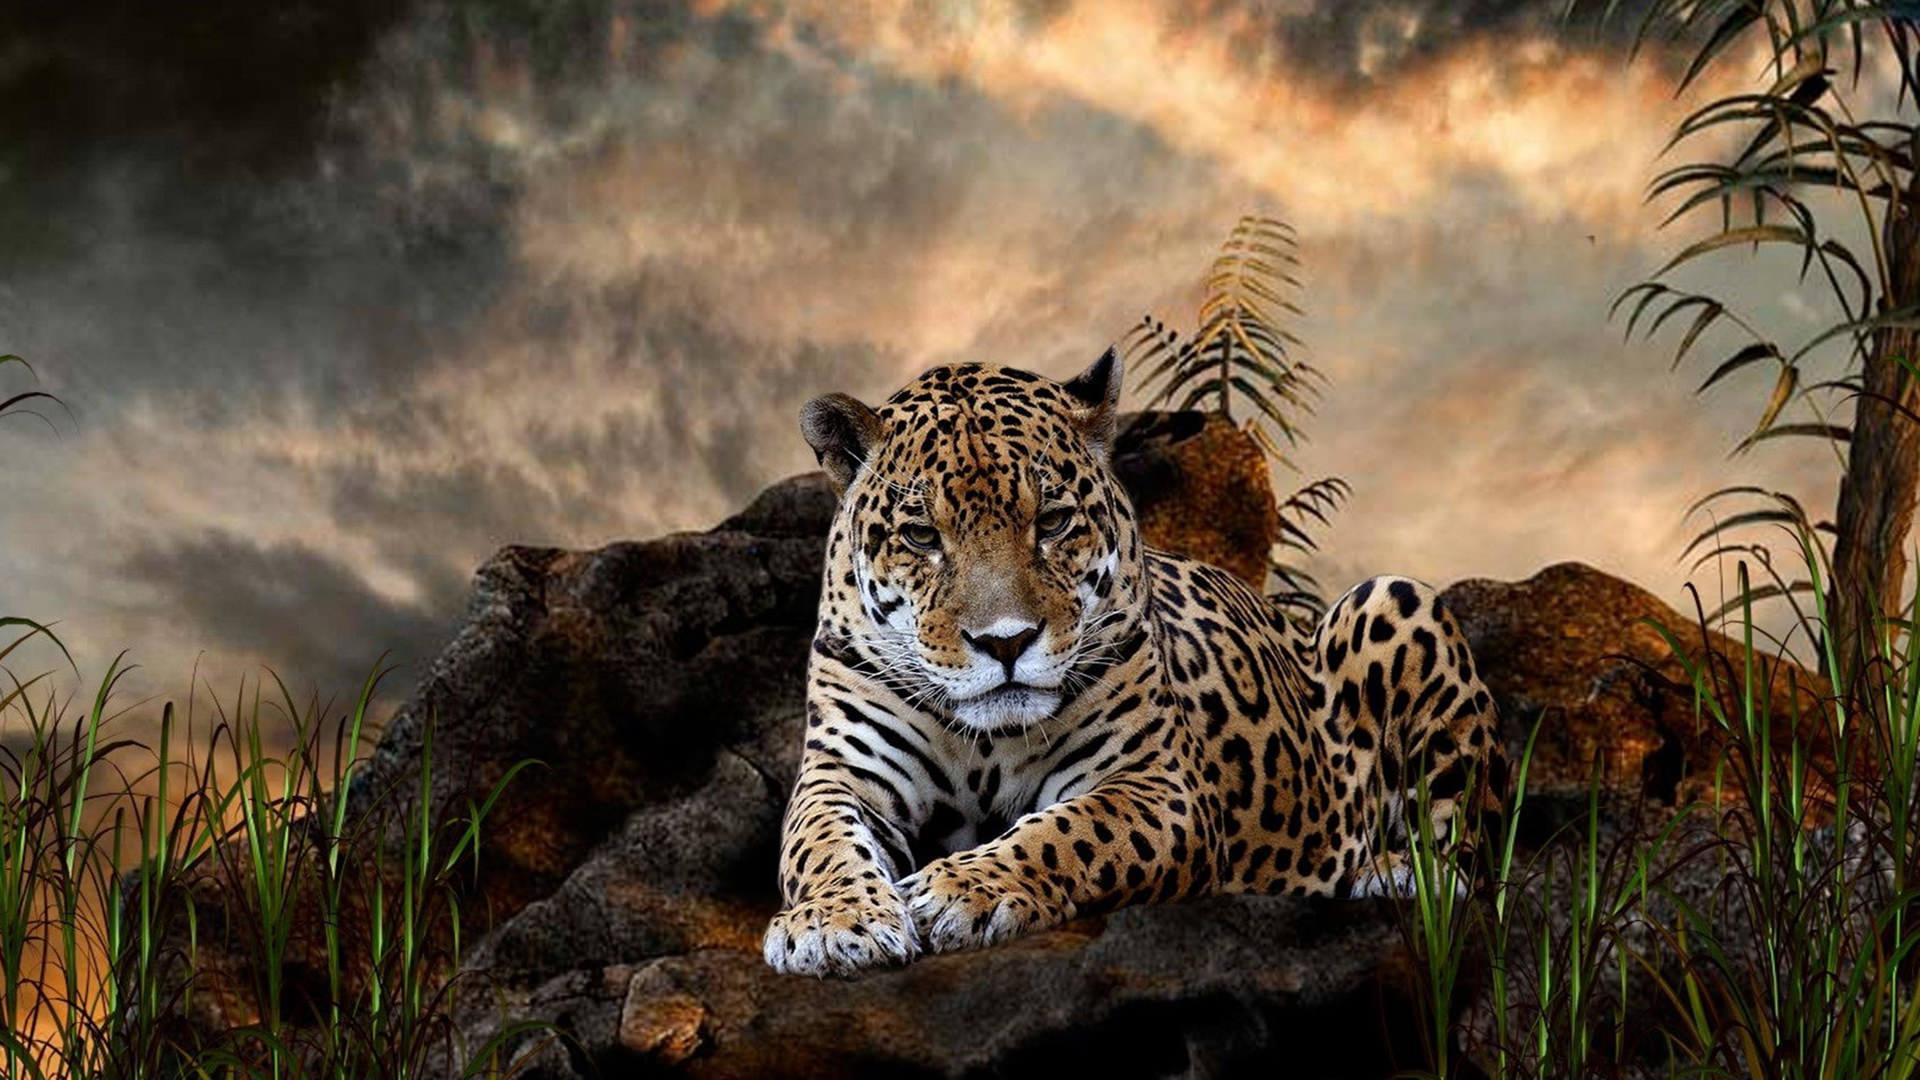 Leopard Wallpapers HD 1920x1080